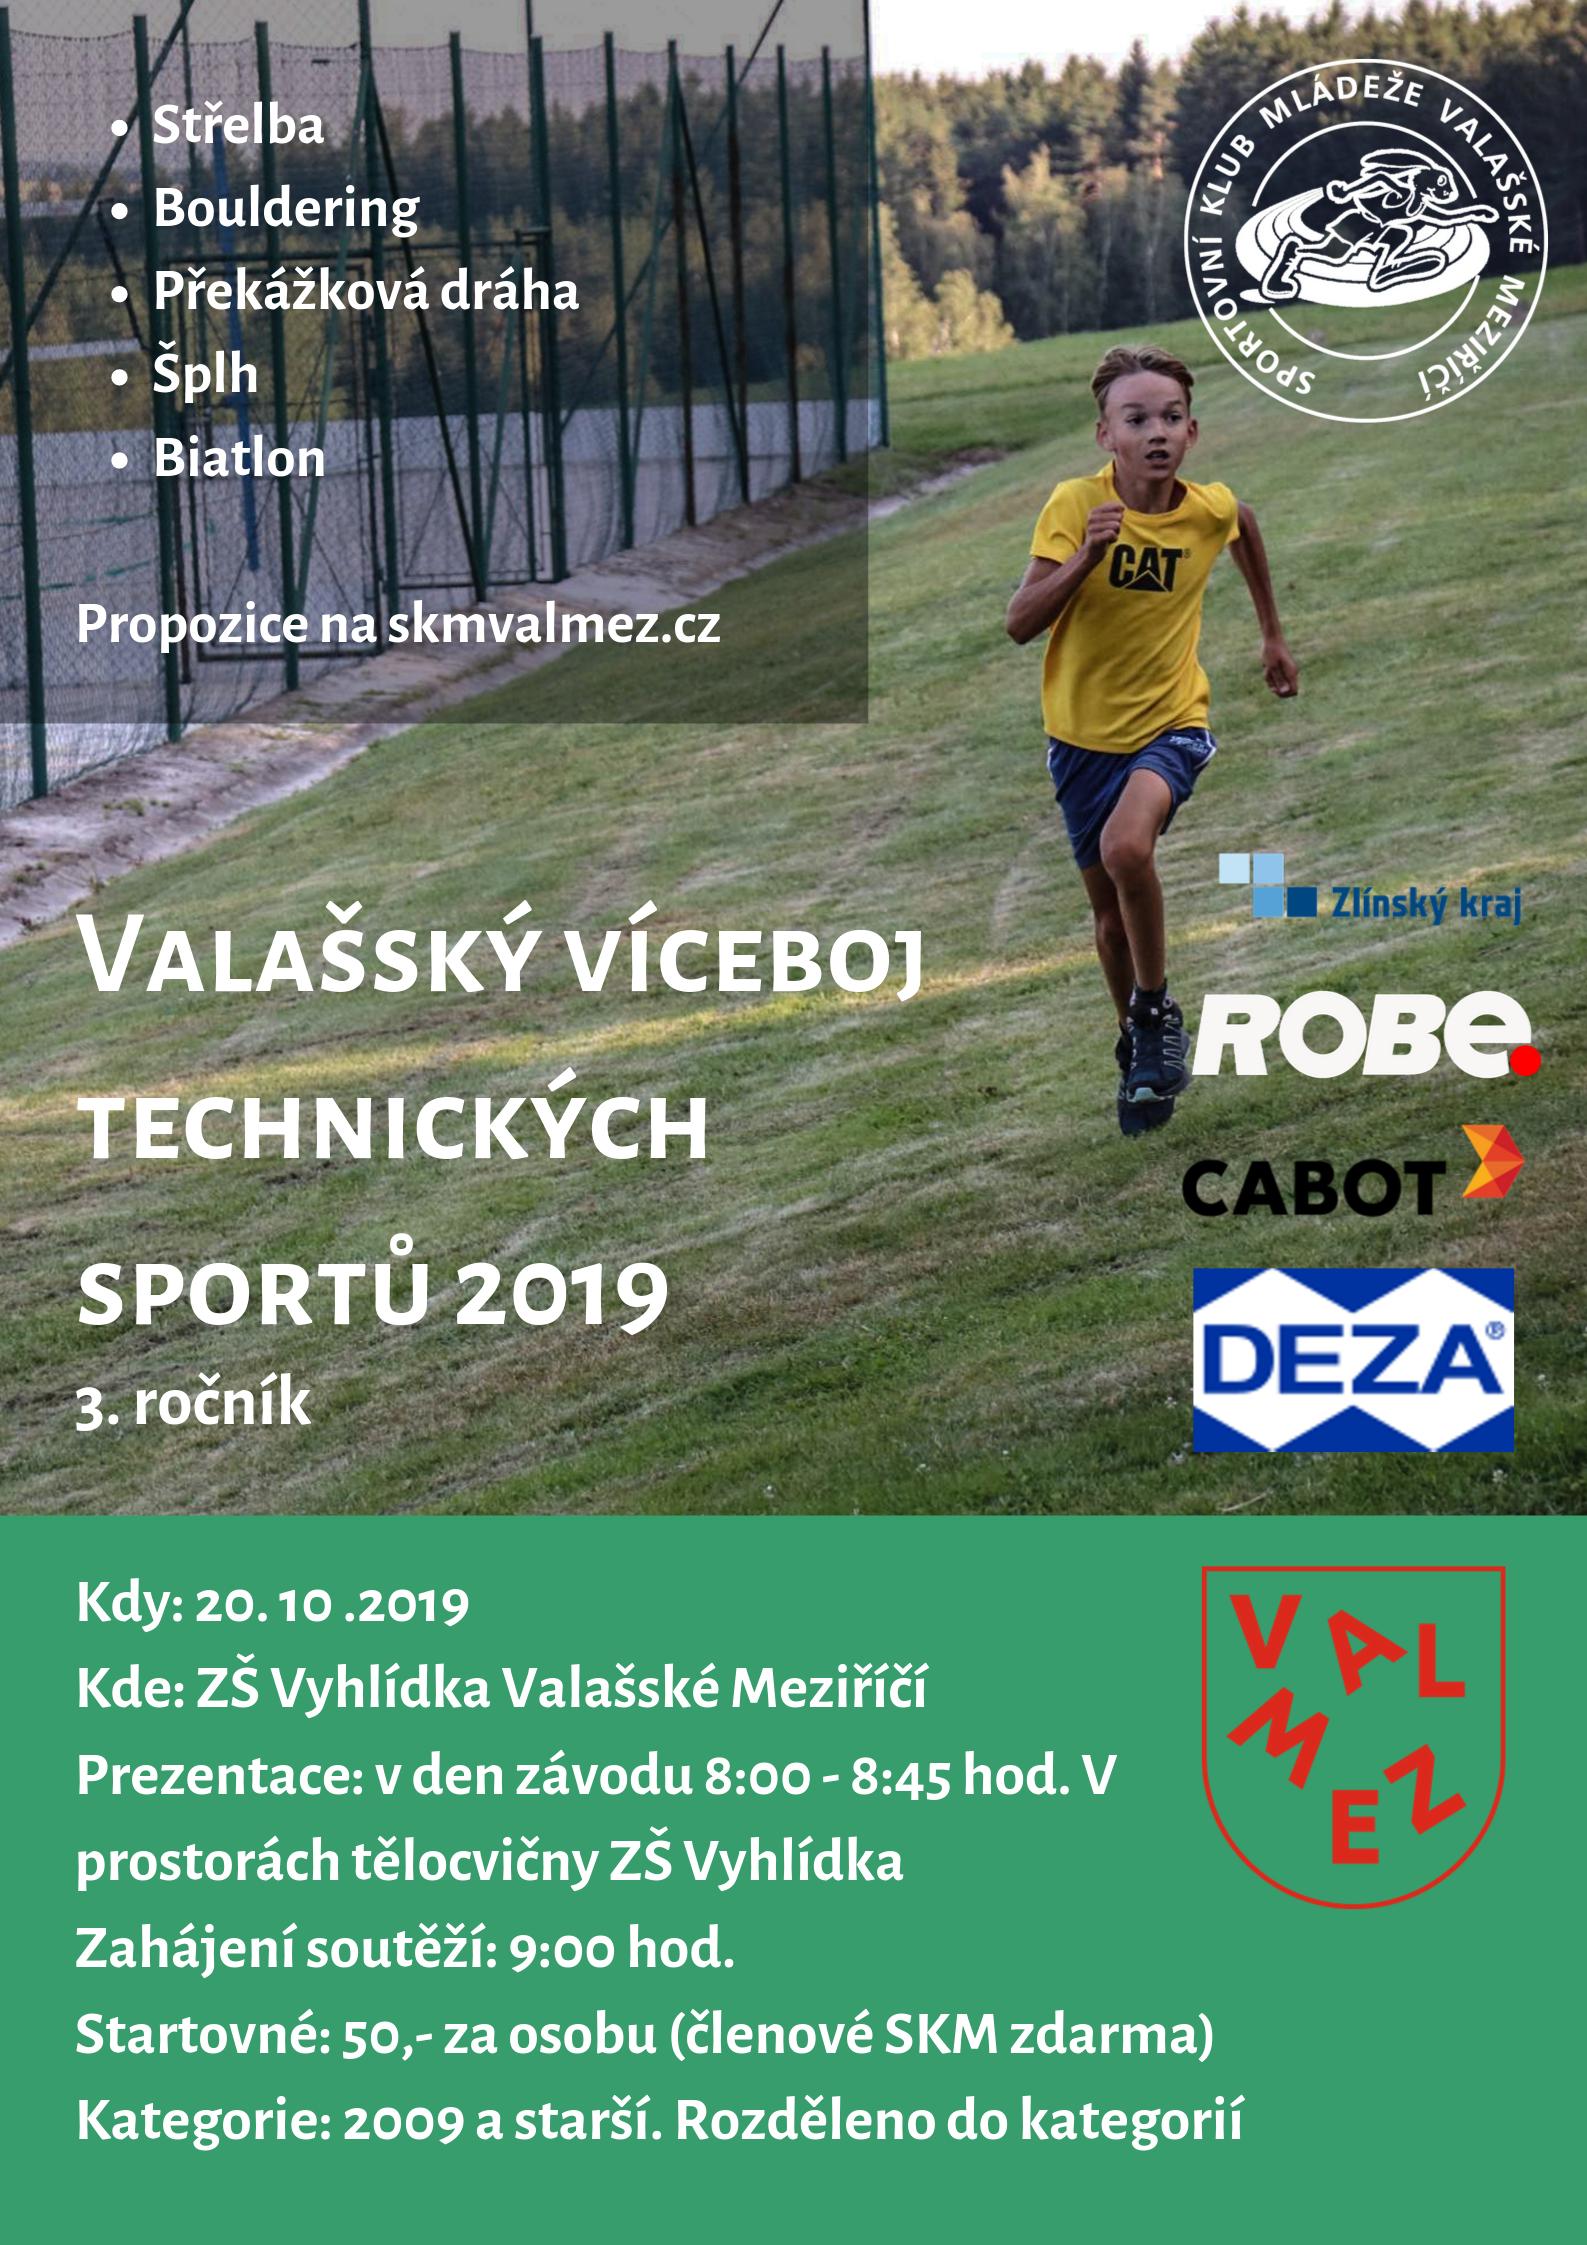 Valašský víceboj technických sportů 2019